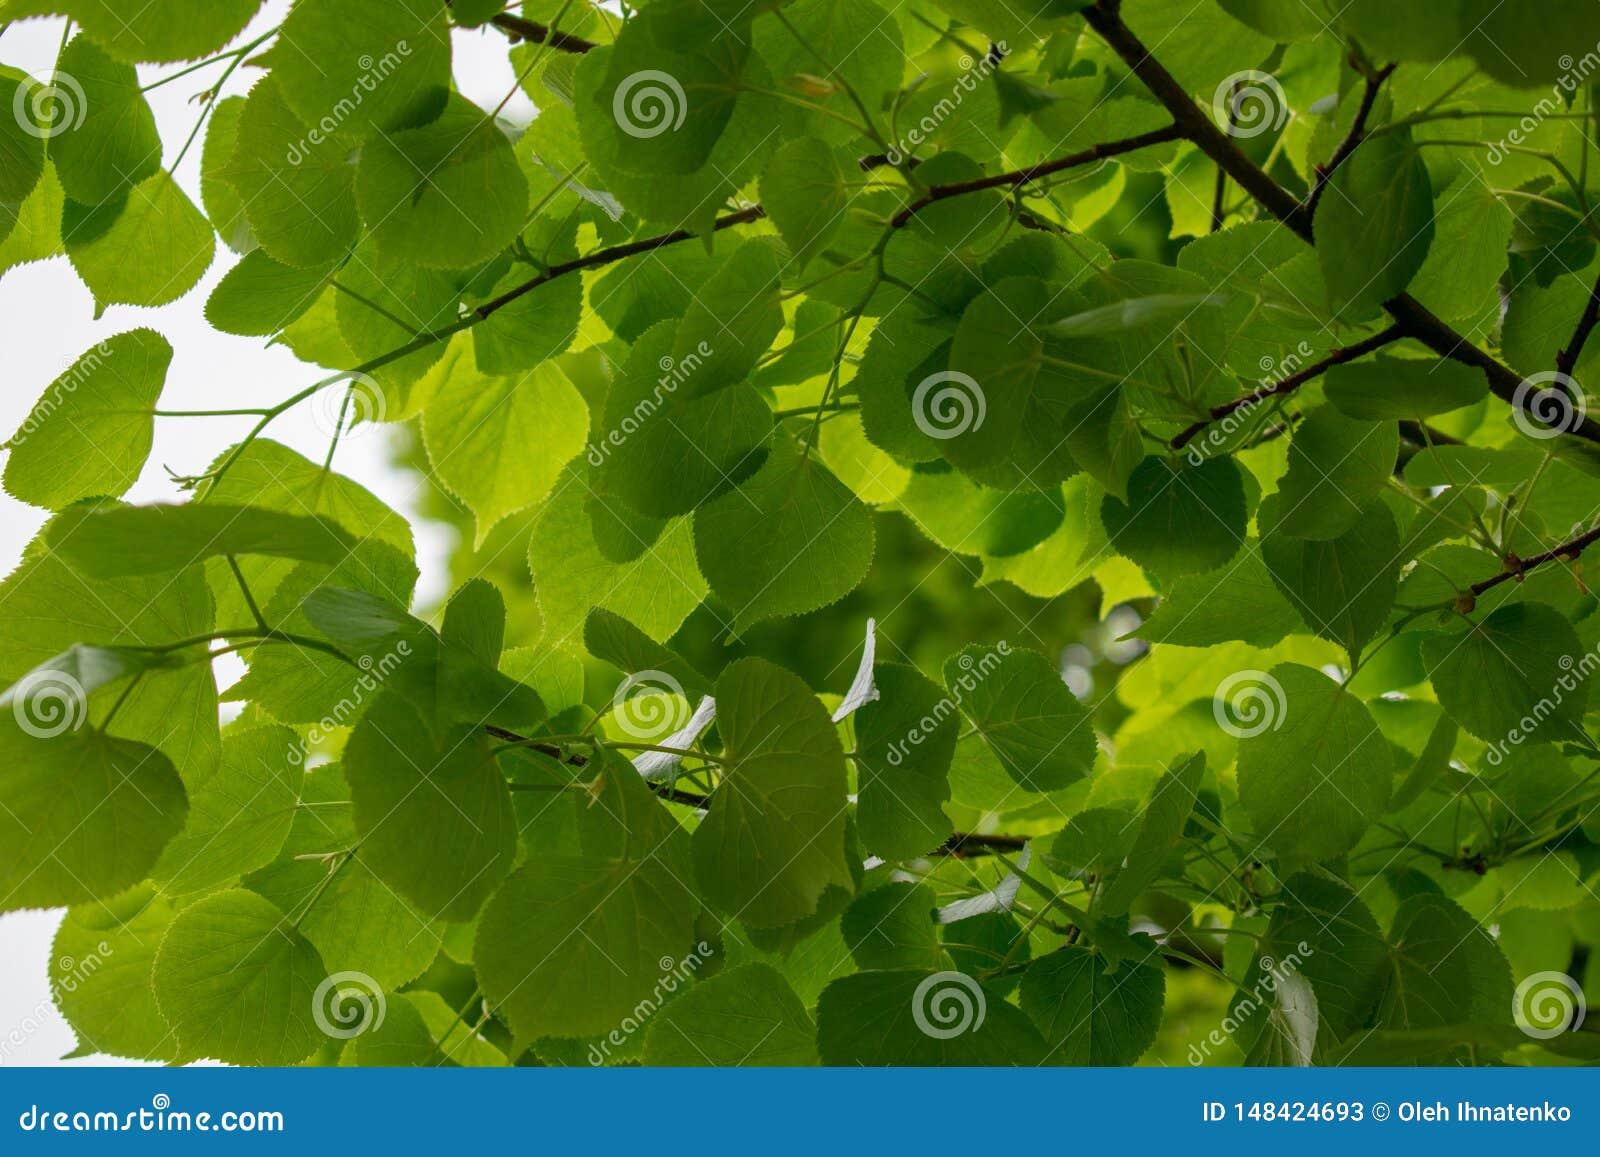 Fundo verde Fundo com folhas verdes